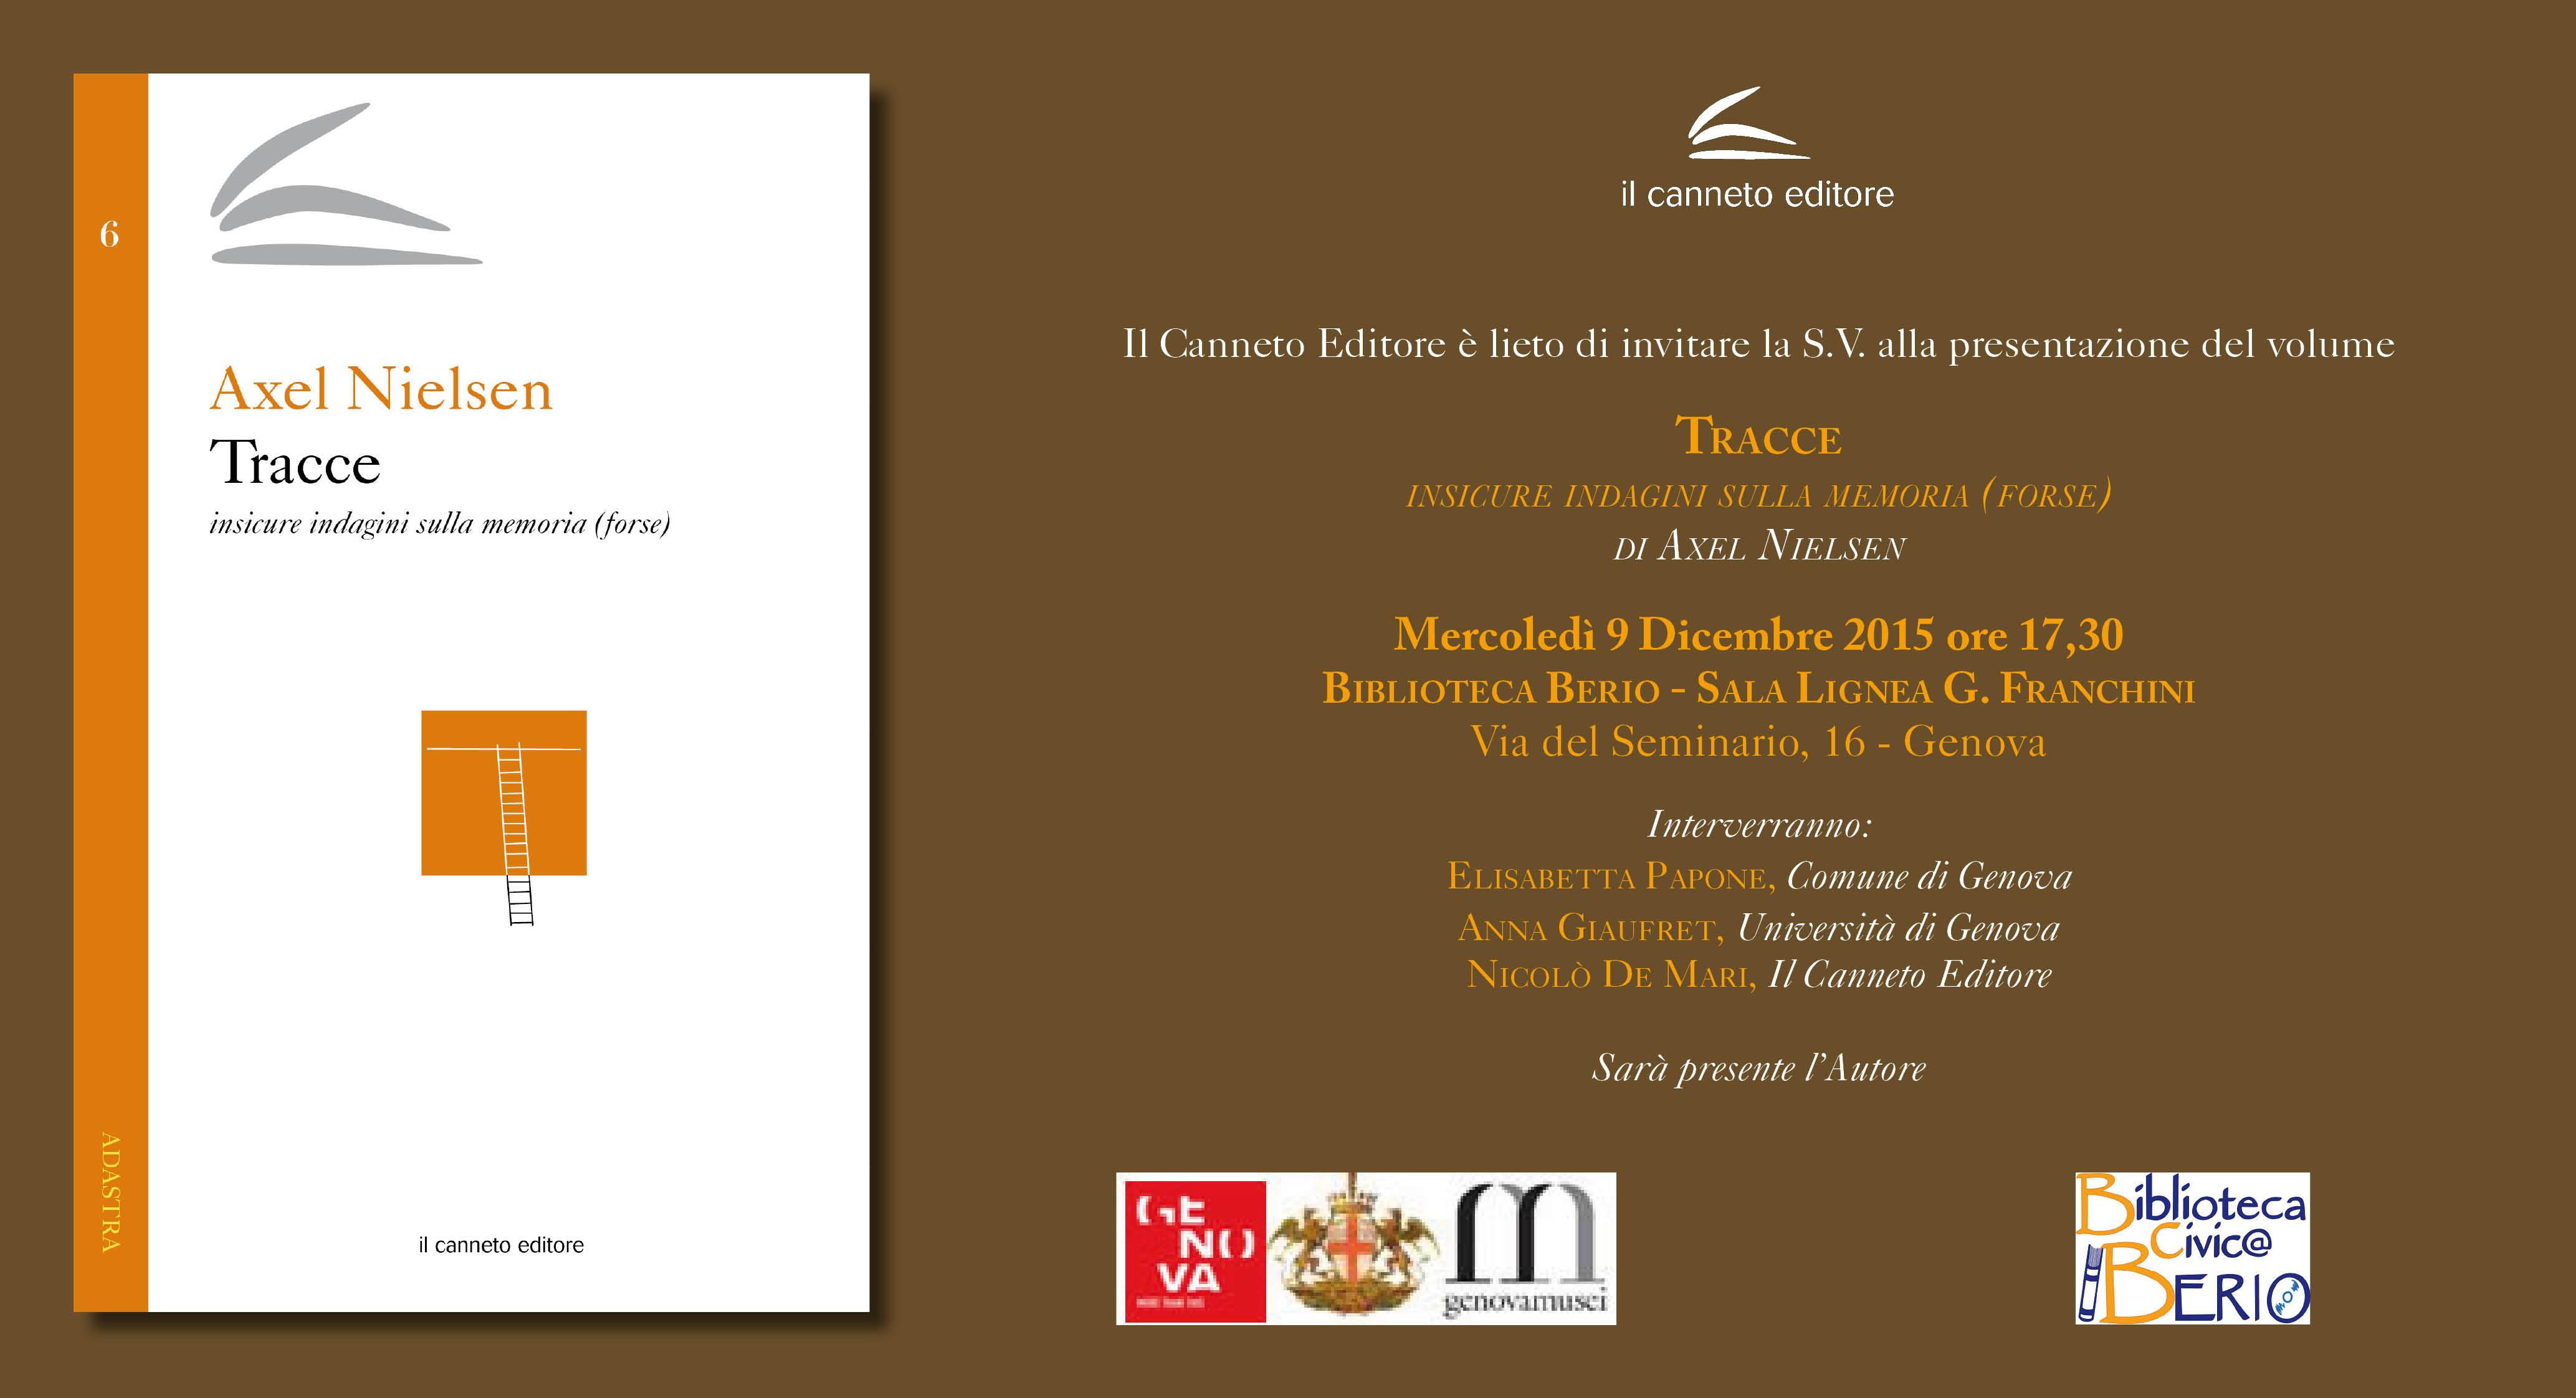 invito_presentazione_Tracce_